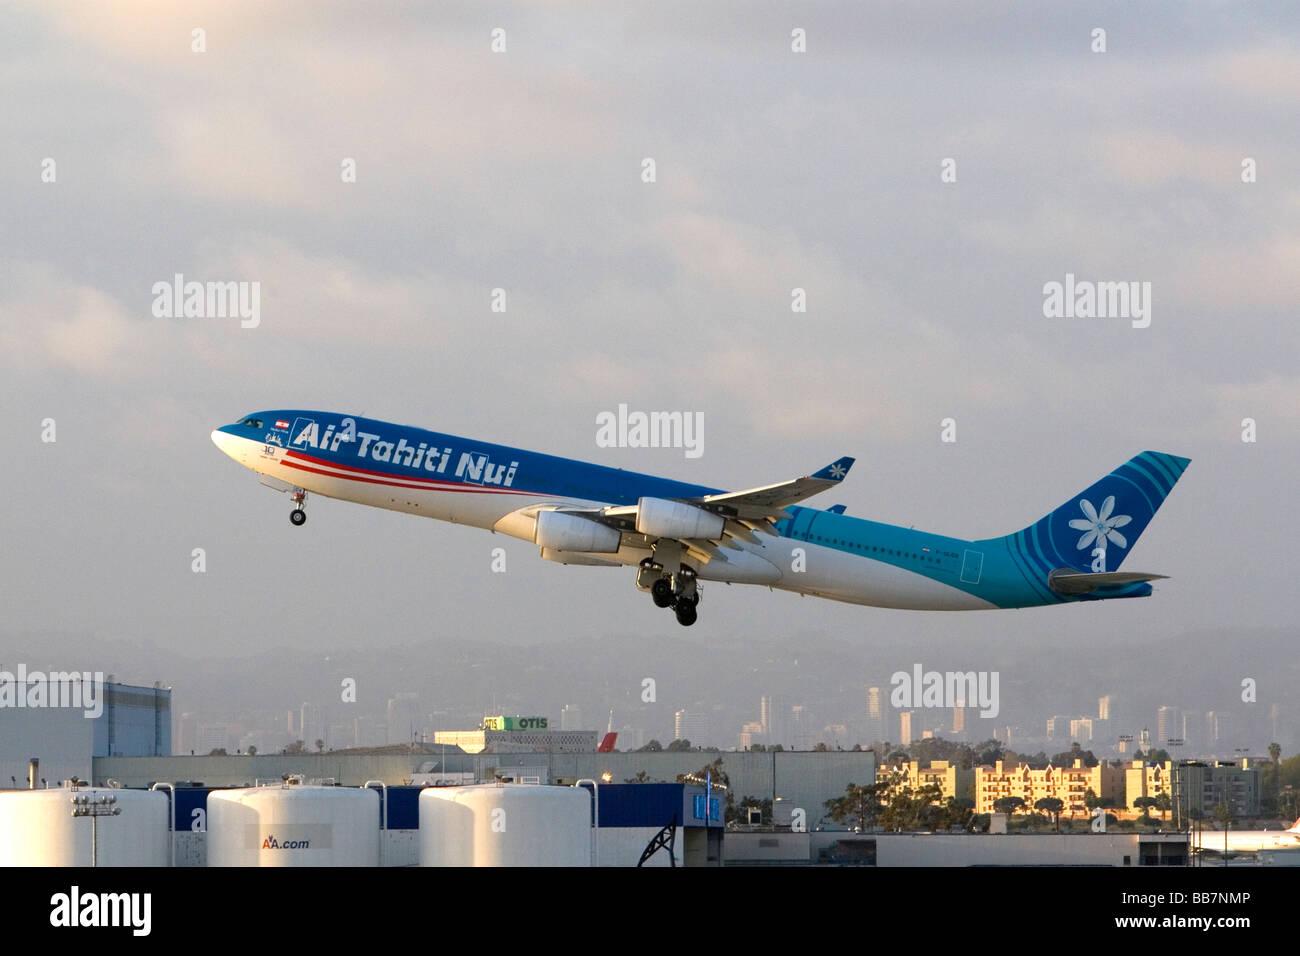 Air Tahiti Nui Airbus 340 en el despegue del aeropuerto LAX en Los Ángeles, California, EE.UU. Imagen De Stock